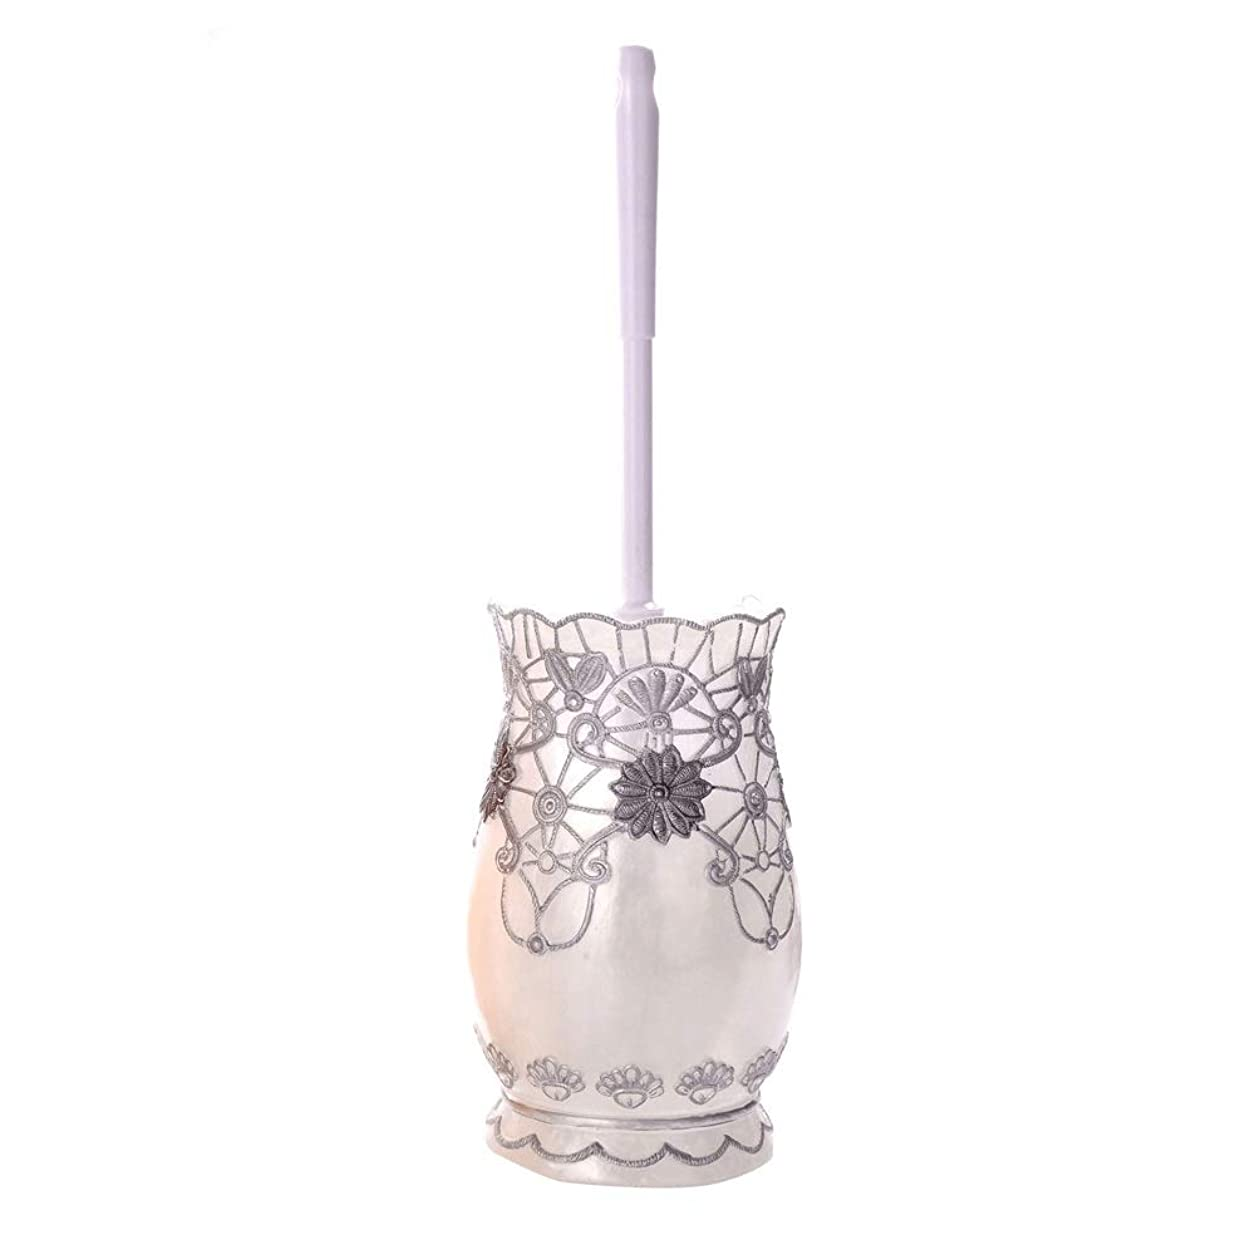 晴れ関係するしっとりトイレブラシ 浴室のための縁の唇のブラシそして貯蔵の容器の下で置かれる花柄のクリーニングブラシ 水はね防止 トイレ掃除用品 (Color : Silver, Size : 10*38CM)